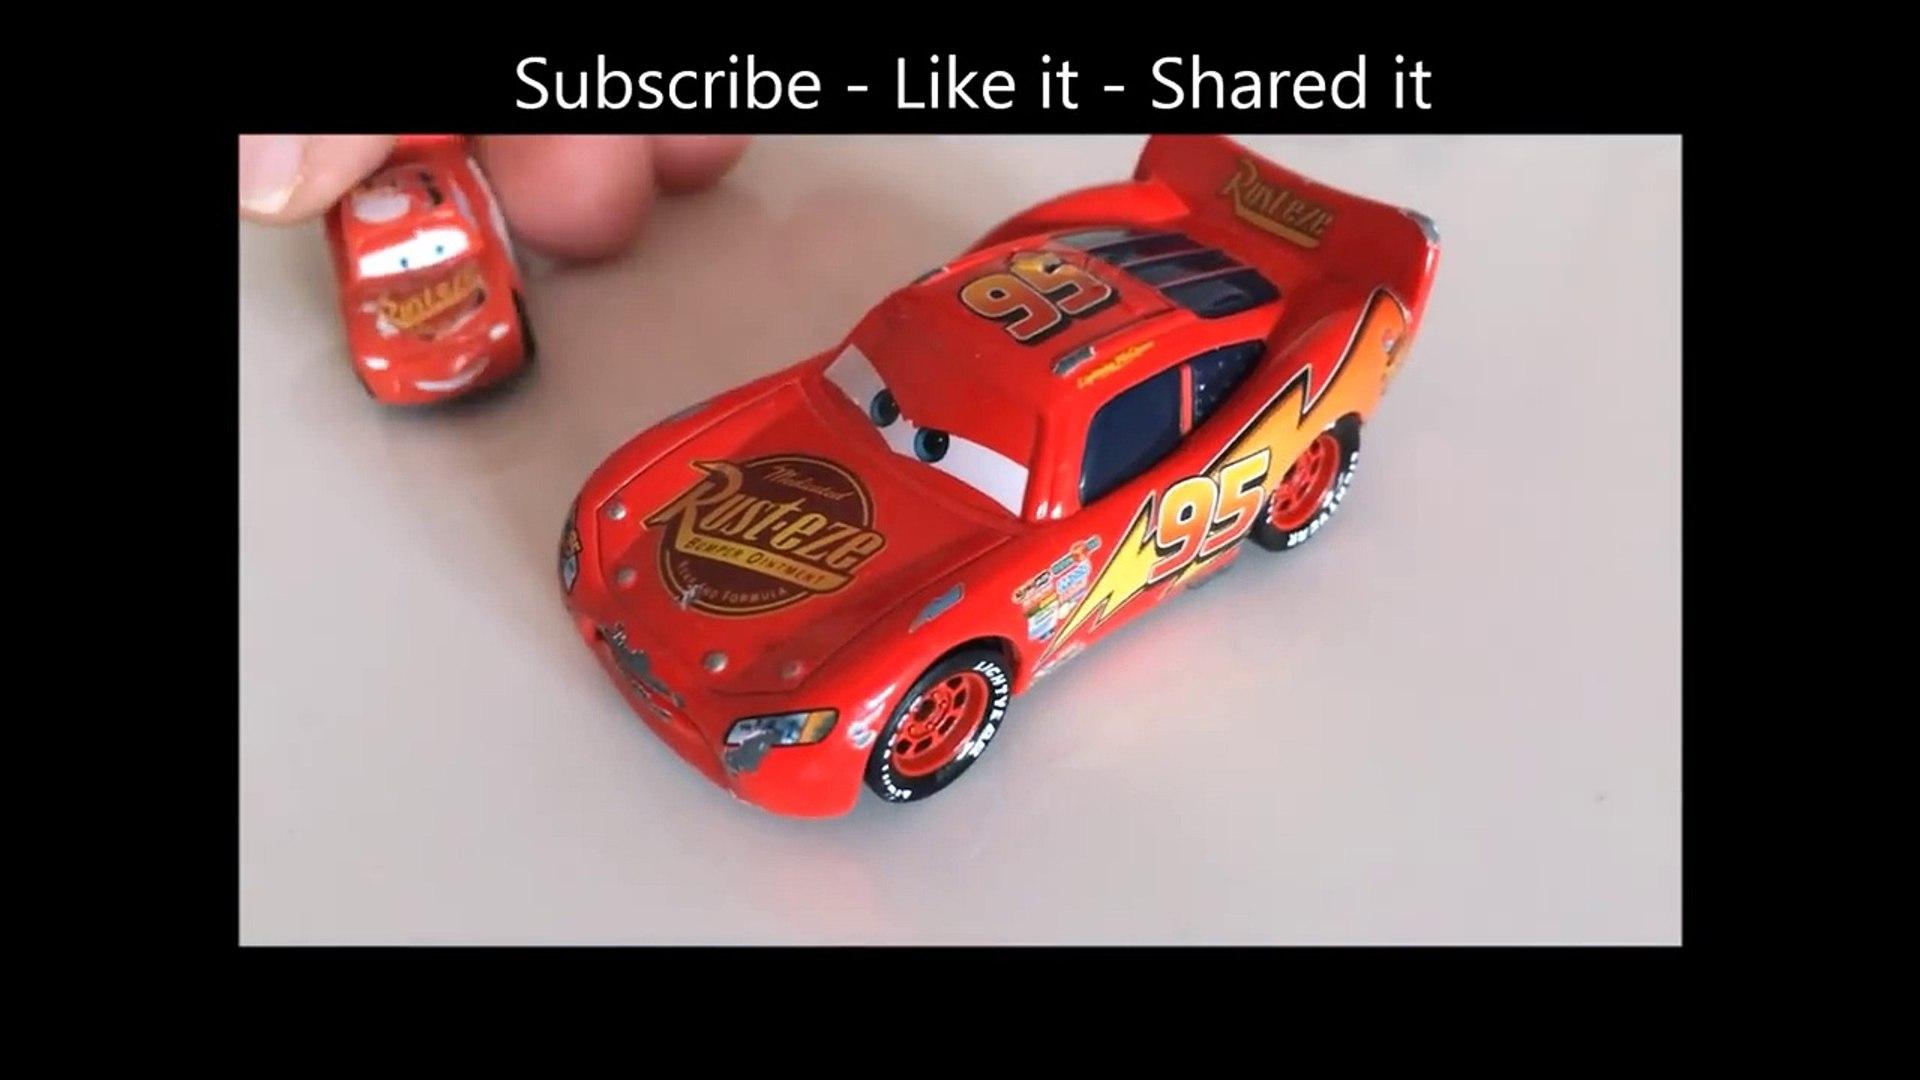 Cars 2 for Kids | Disney Pixar Cars 2 Toys For Children | Toy Cars for Children | Cars for Kids